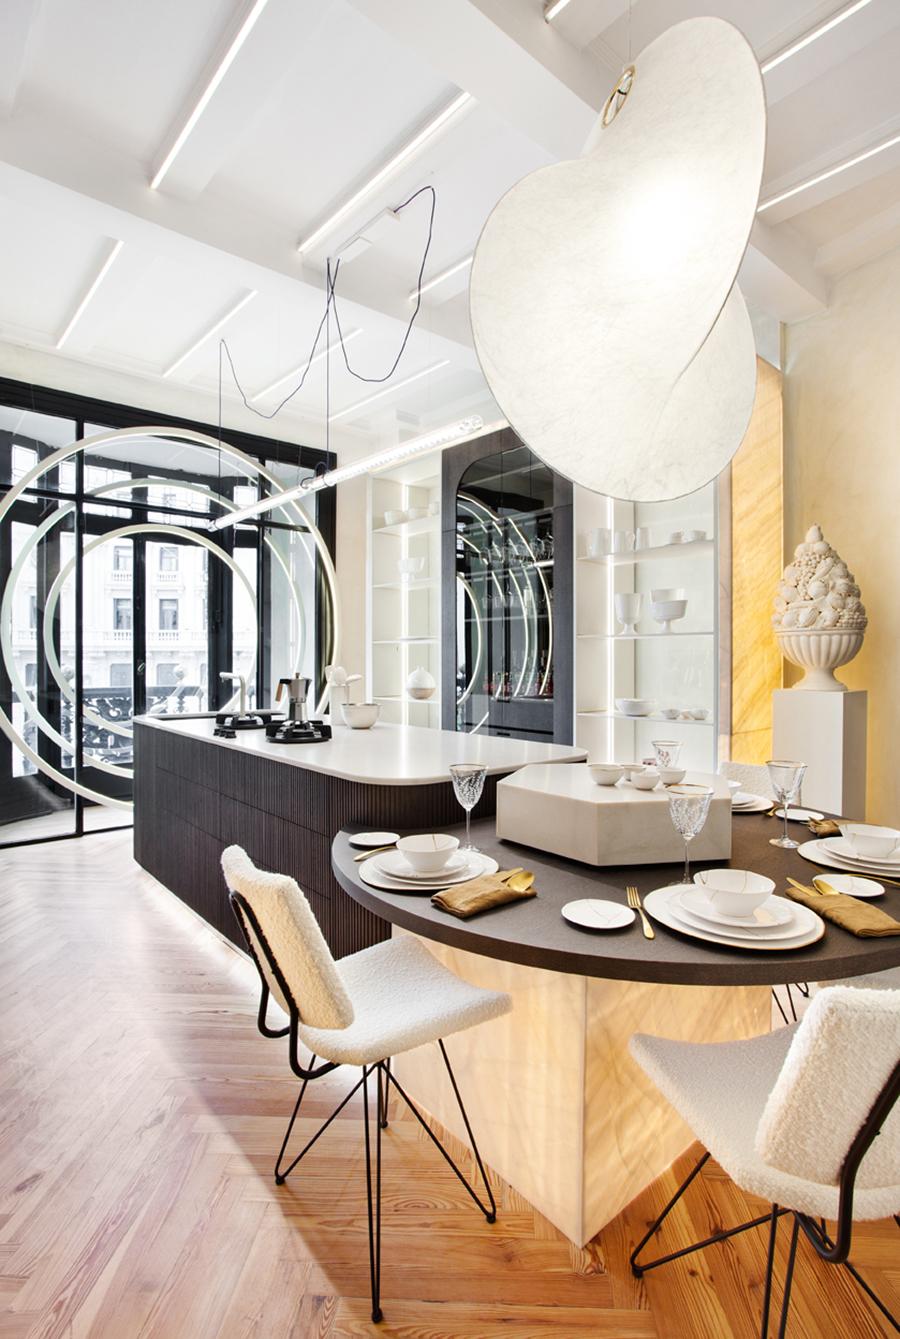 FOTO ESPACIO SIXTYPRO cocina abierta de lujo en negro y gris alabaster suelo madera